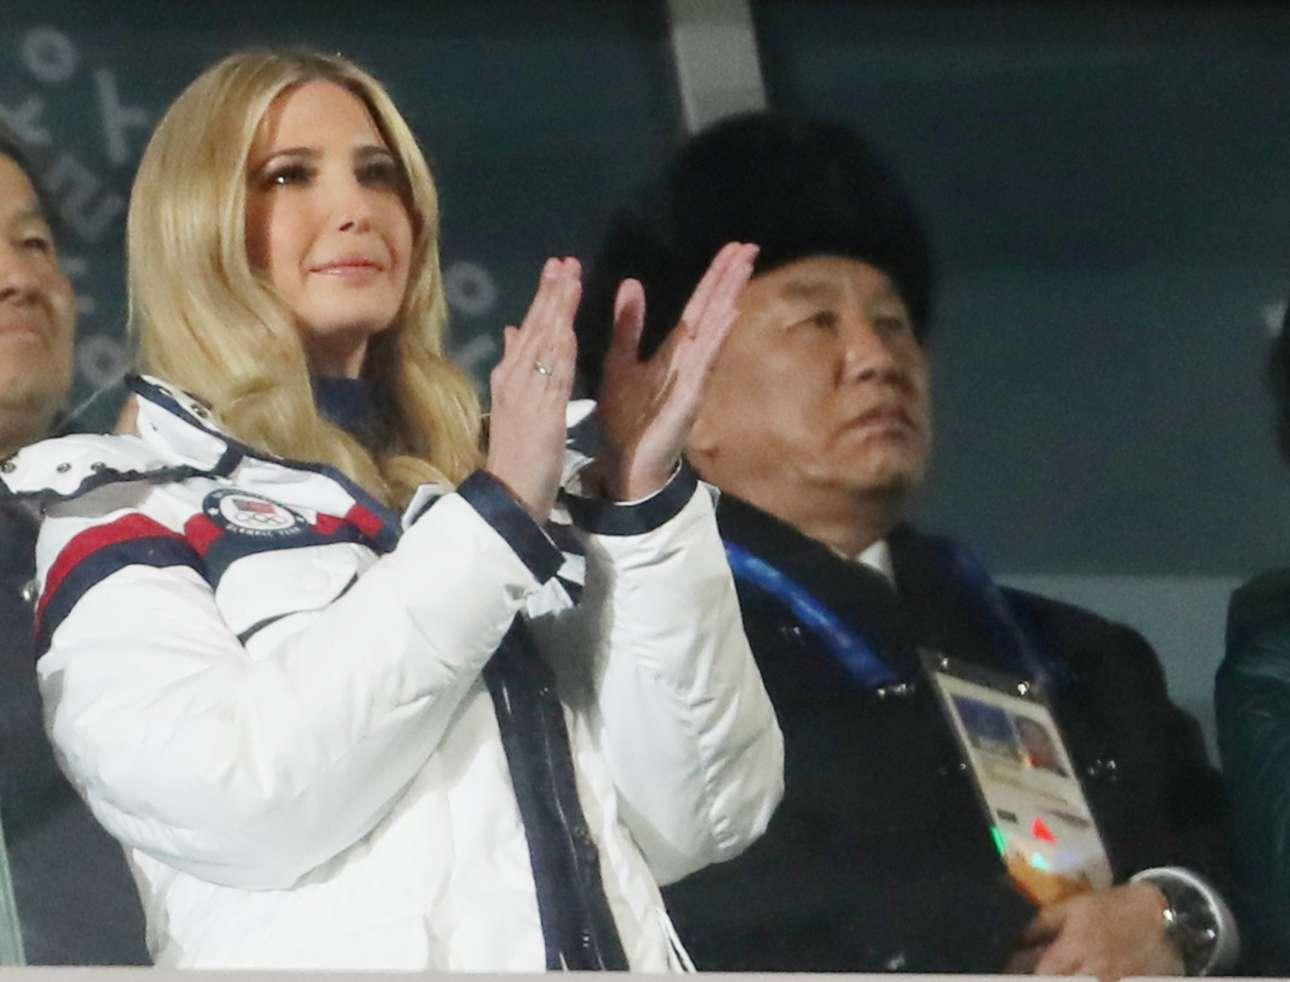 Η κόρη του προεδρου των ΗΠΑ Ιβάνκα Τραμπ και δεξιά ένας Βορειοκορεάτης αξιωματούχος